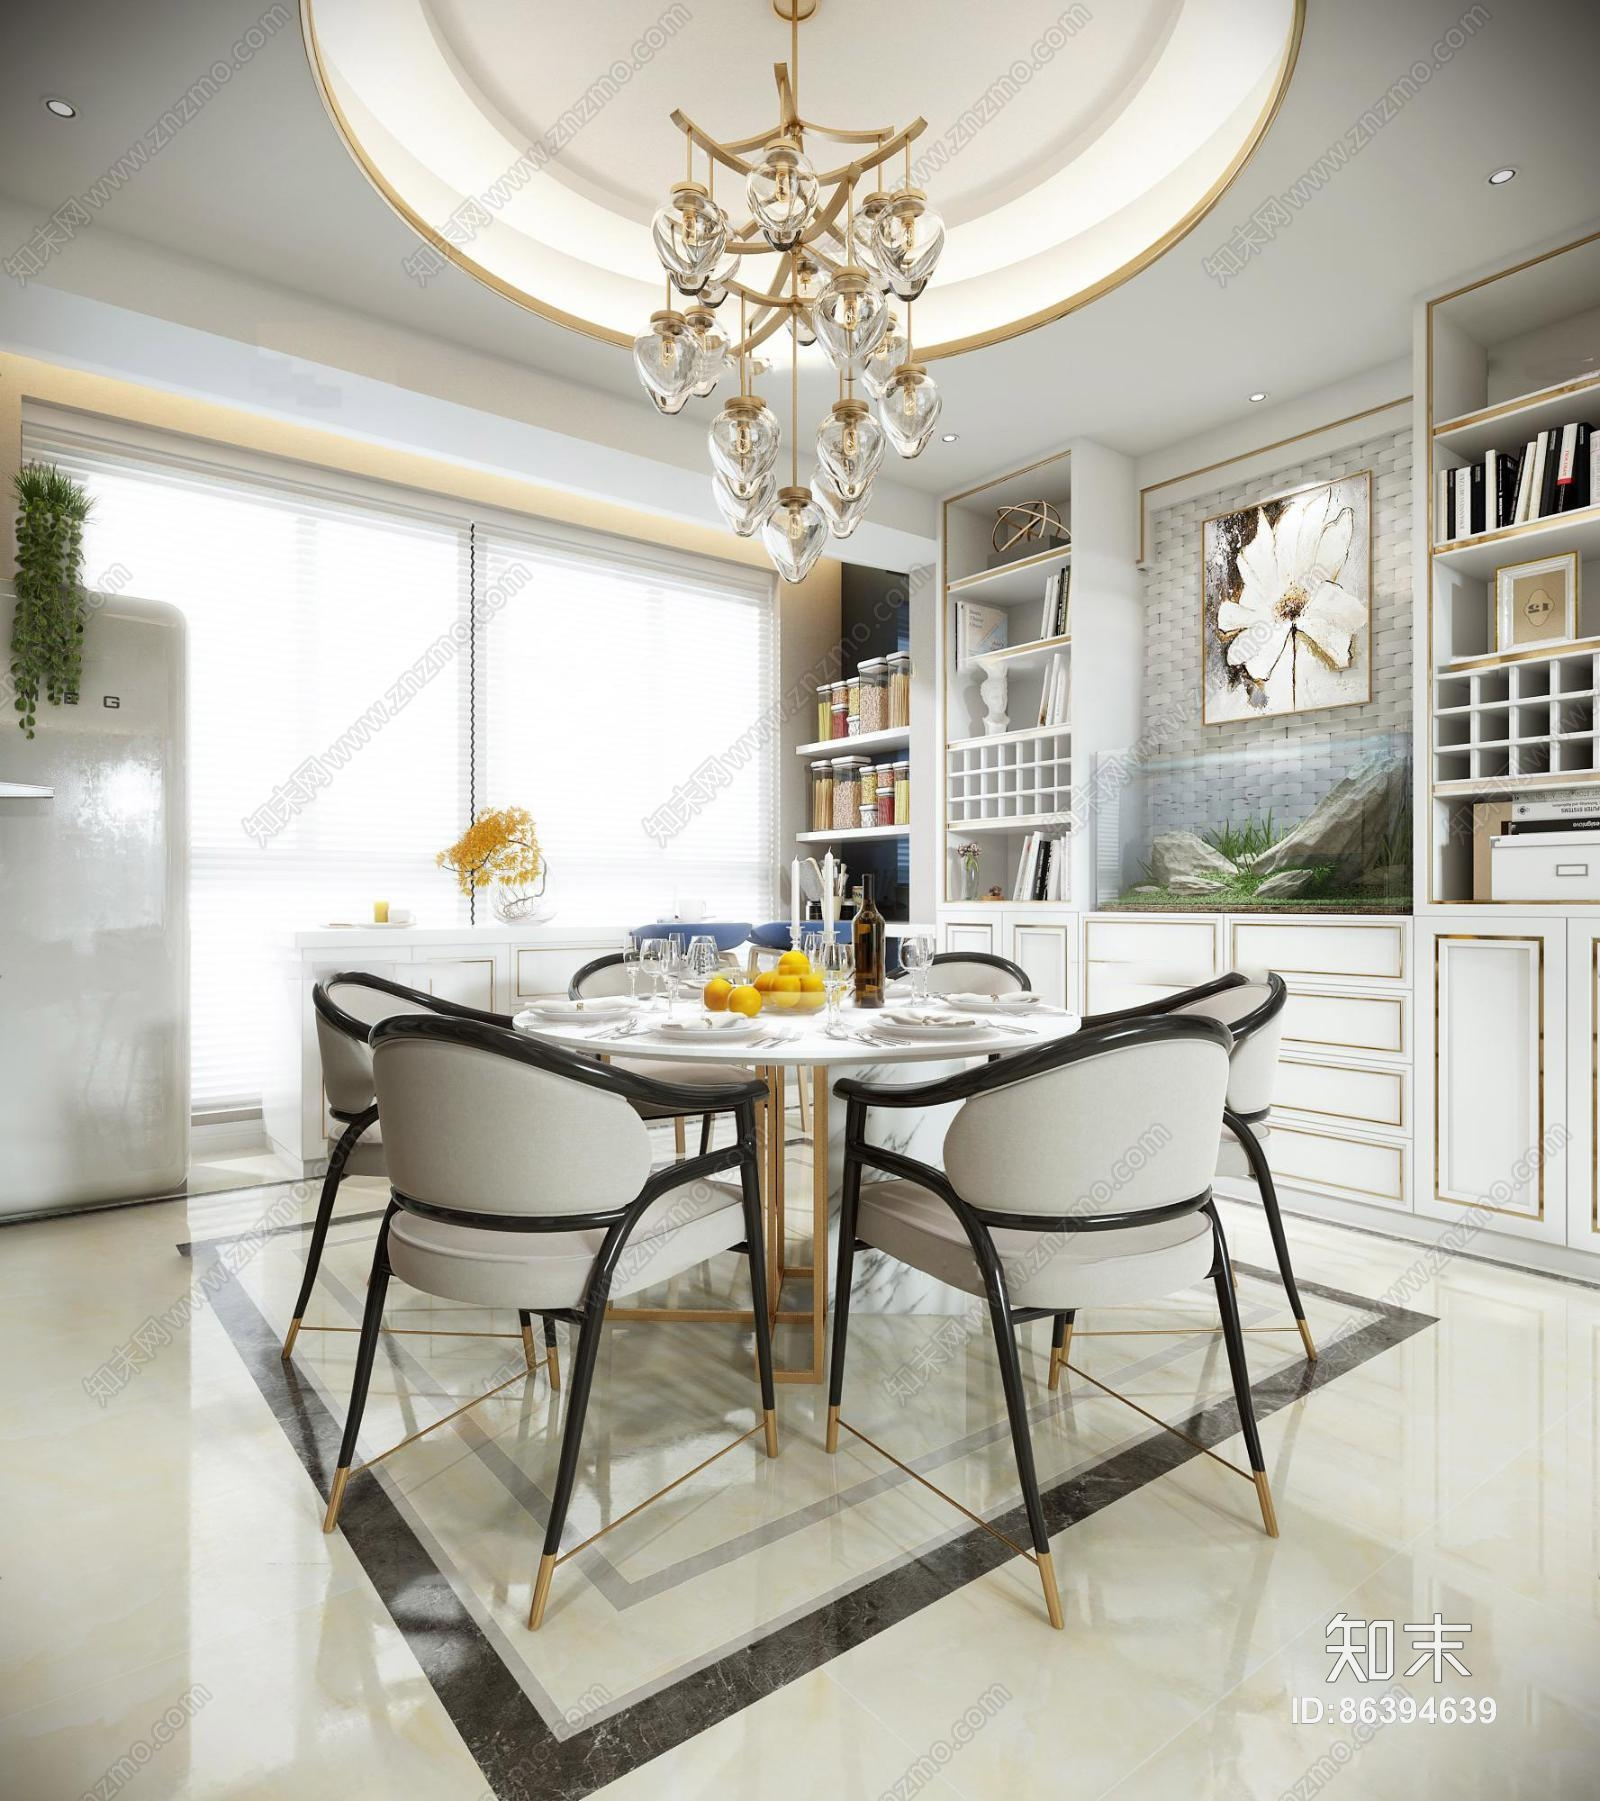 后现代客厅餐厅 吊灯 壁灯 单双人沙发 茶几 装饰柜 摆件 餐桌椅 挂画 储物柜 置物架